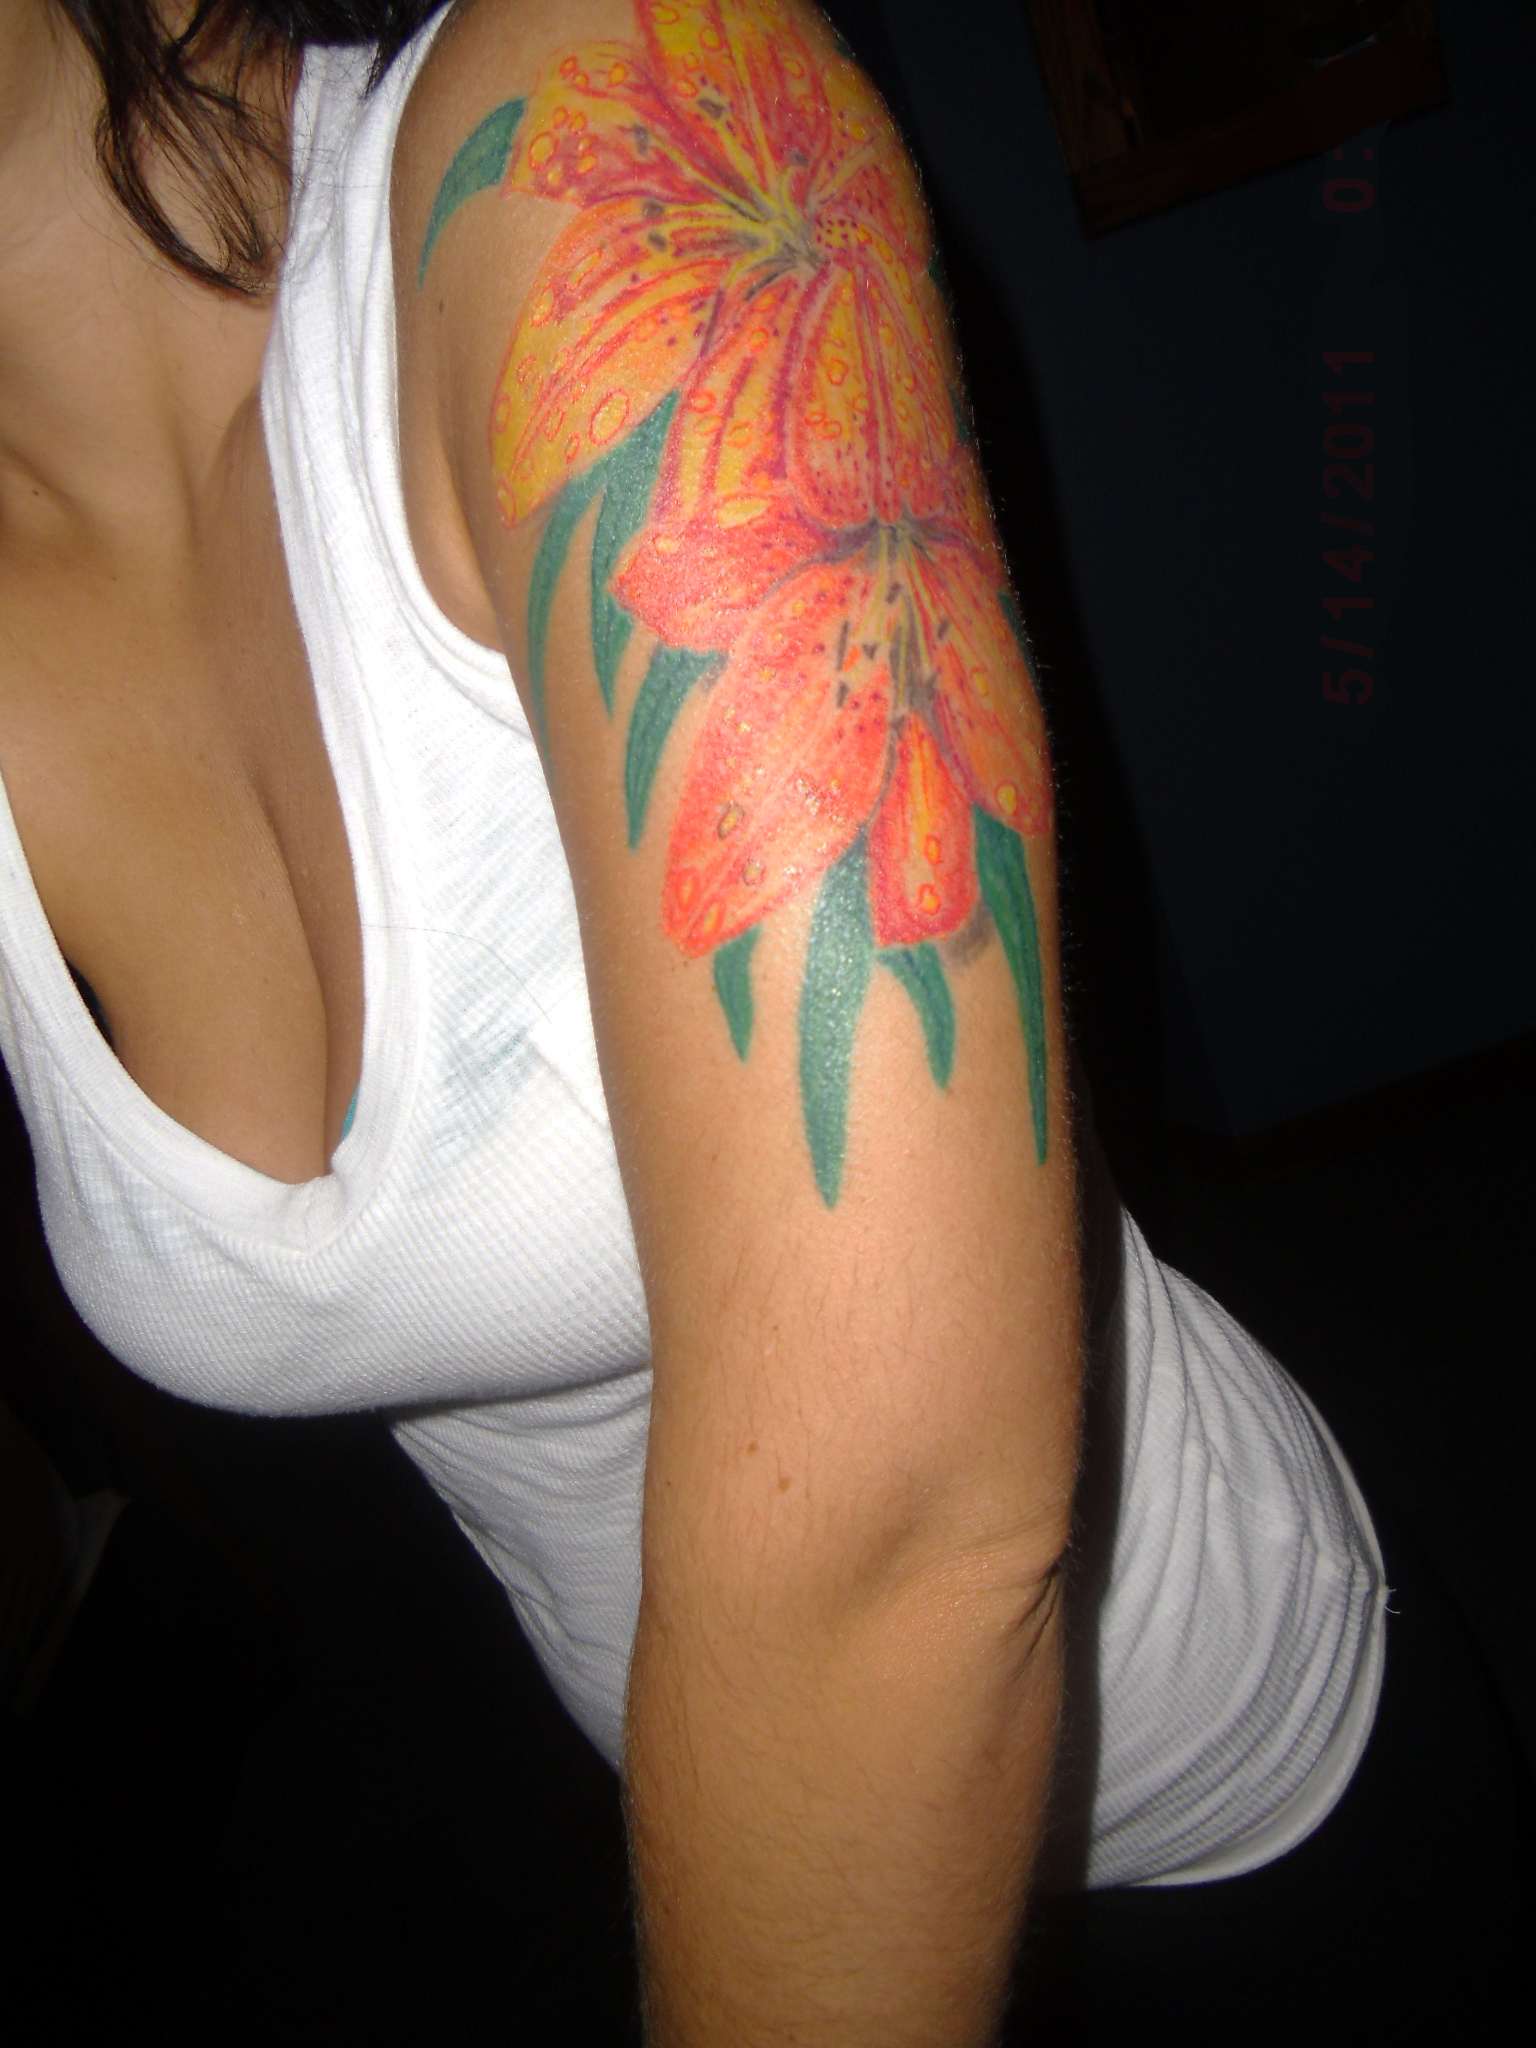 diana tattoo2.jpg